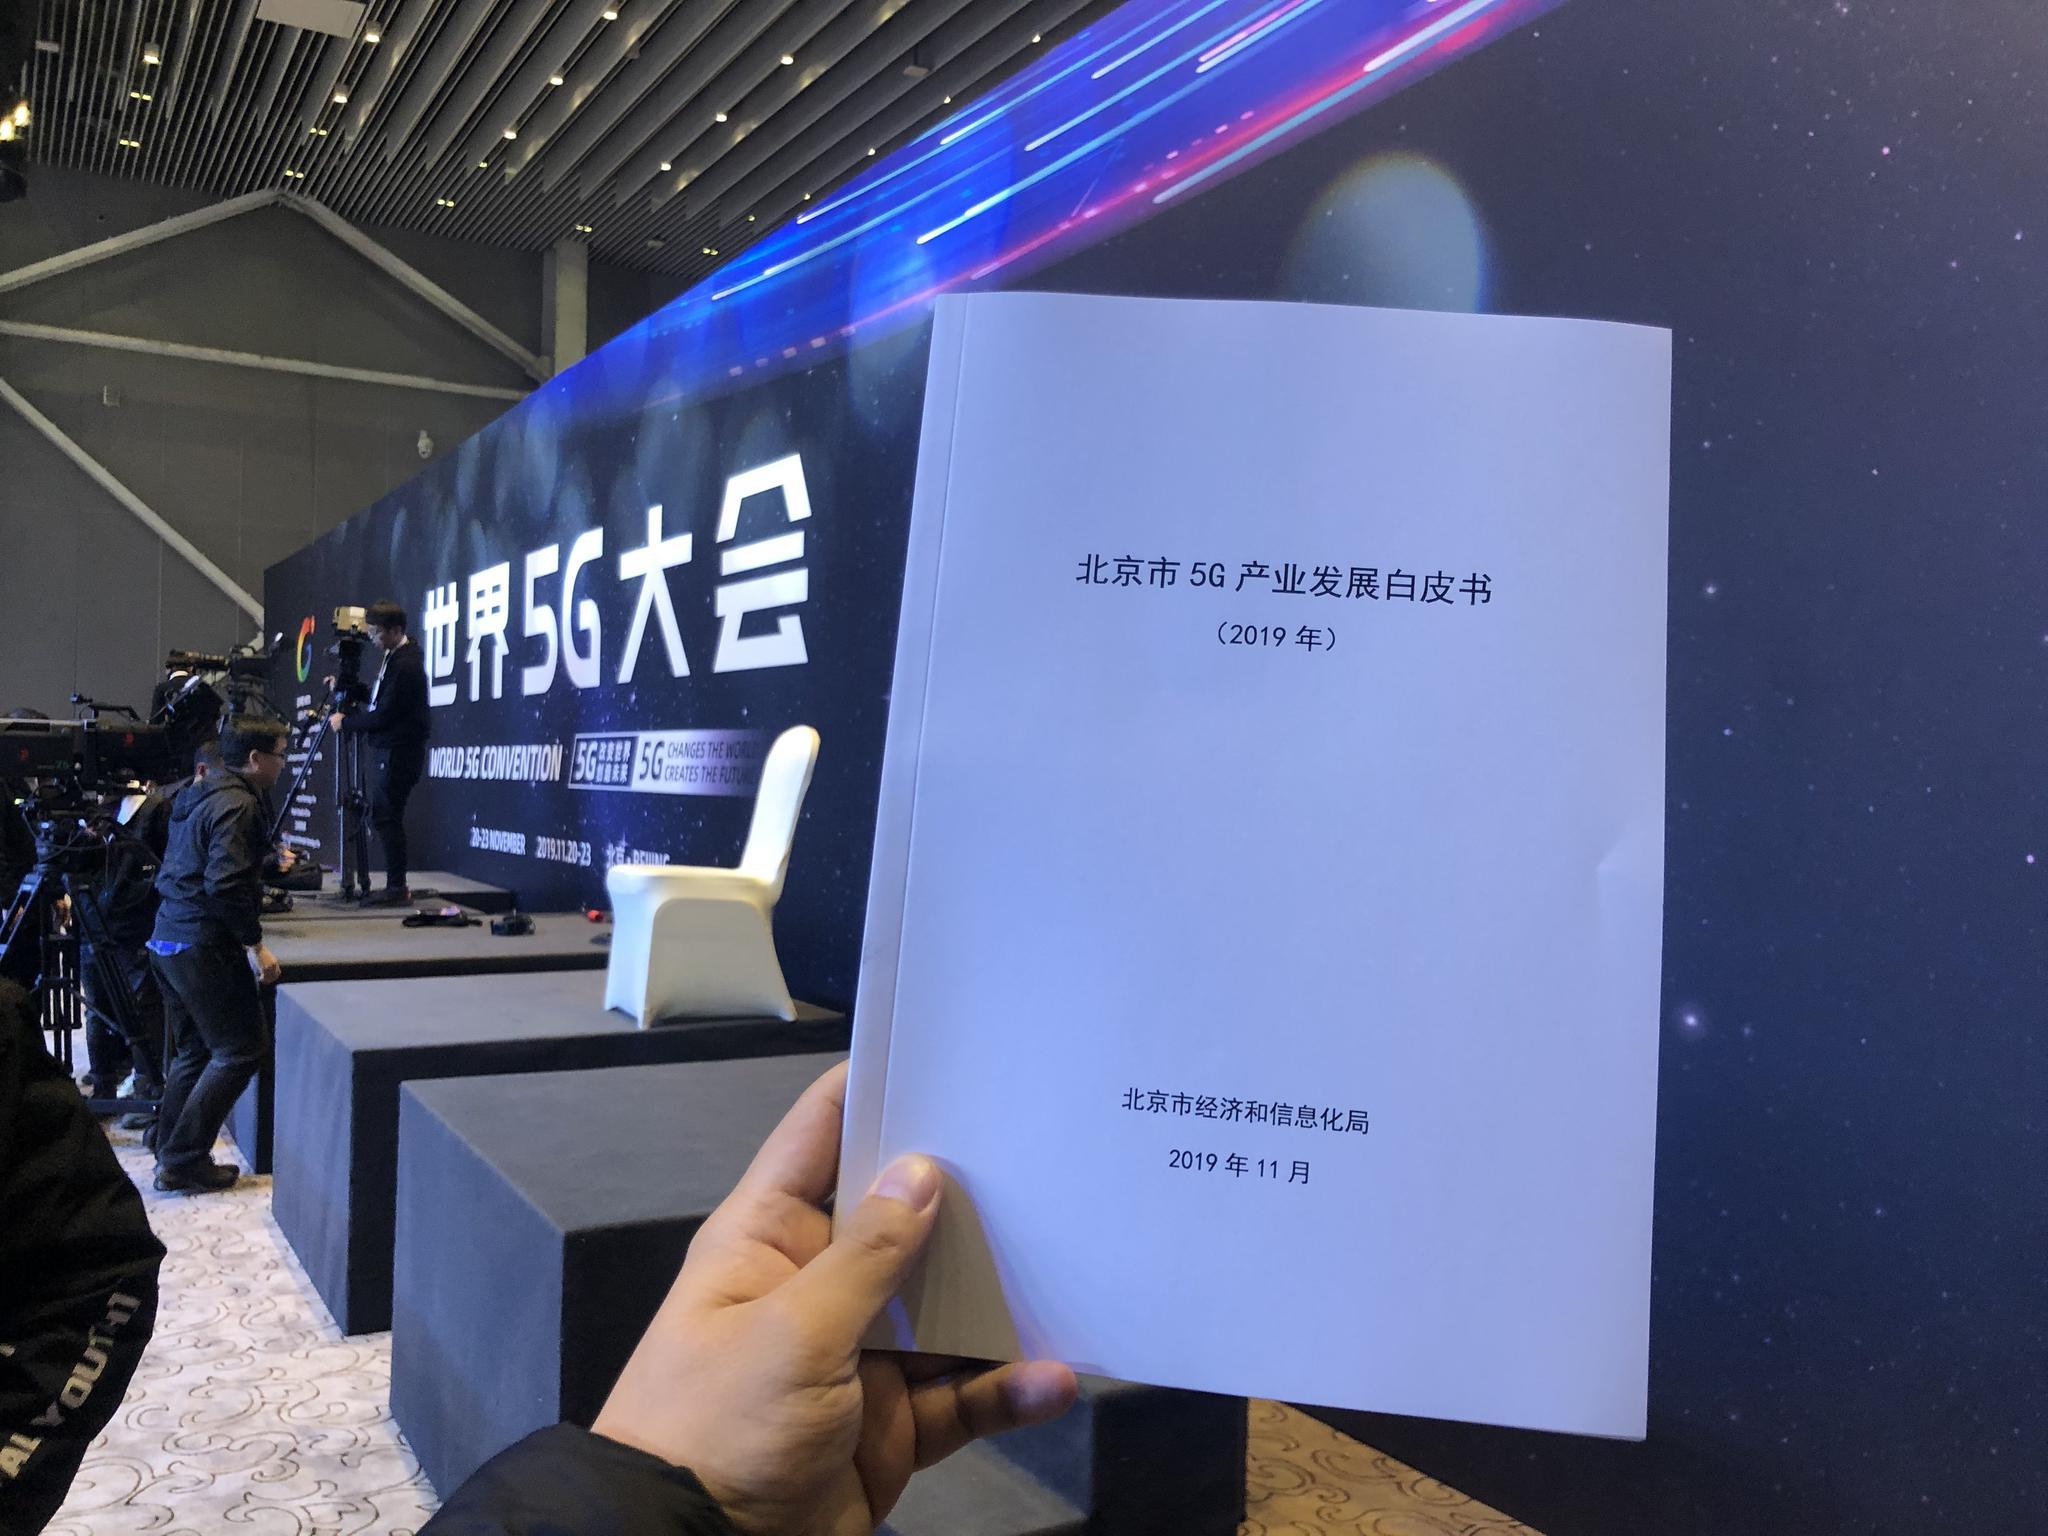 北京发布5G产业白皮书:将打造5G车联网等重点应用